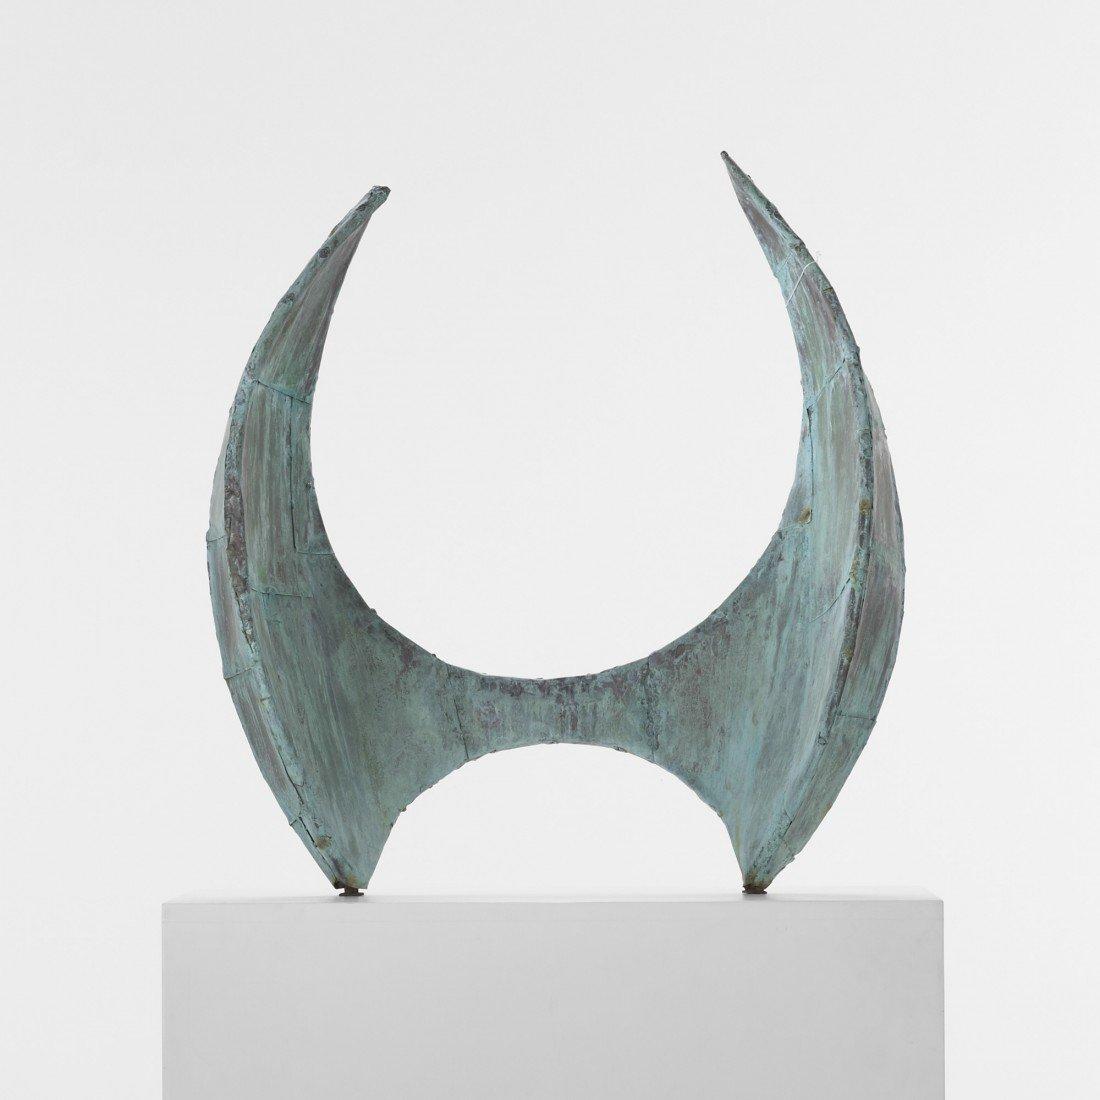 123: Paul Evans Angel Wings sculpture